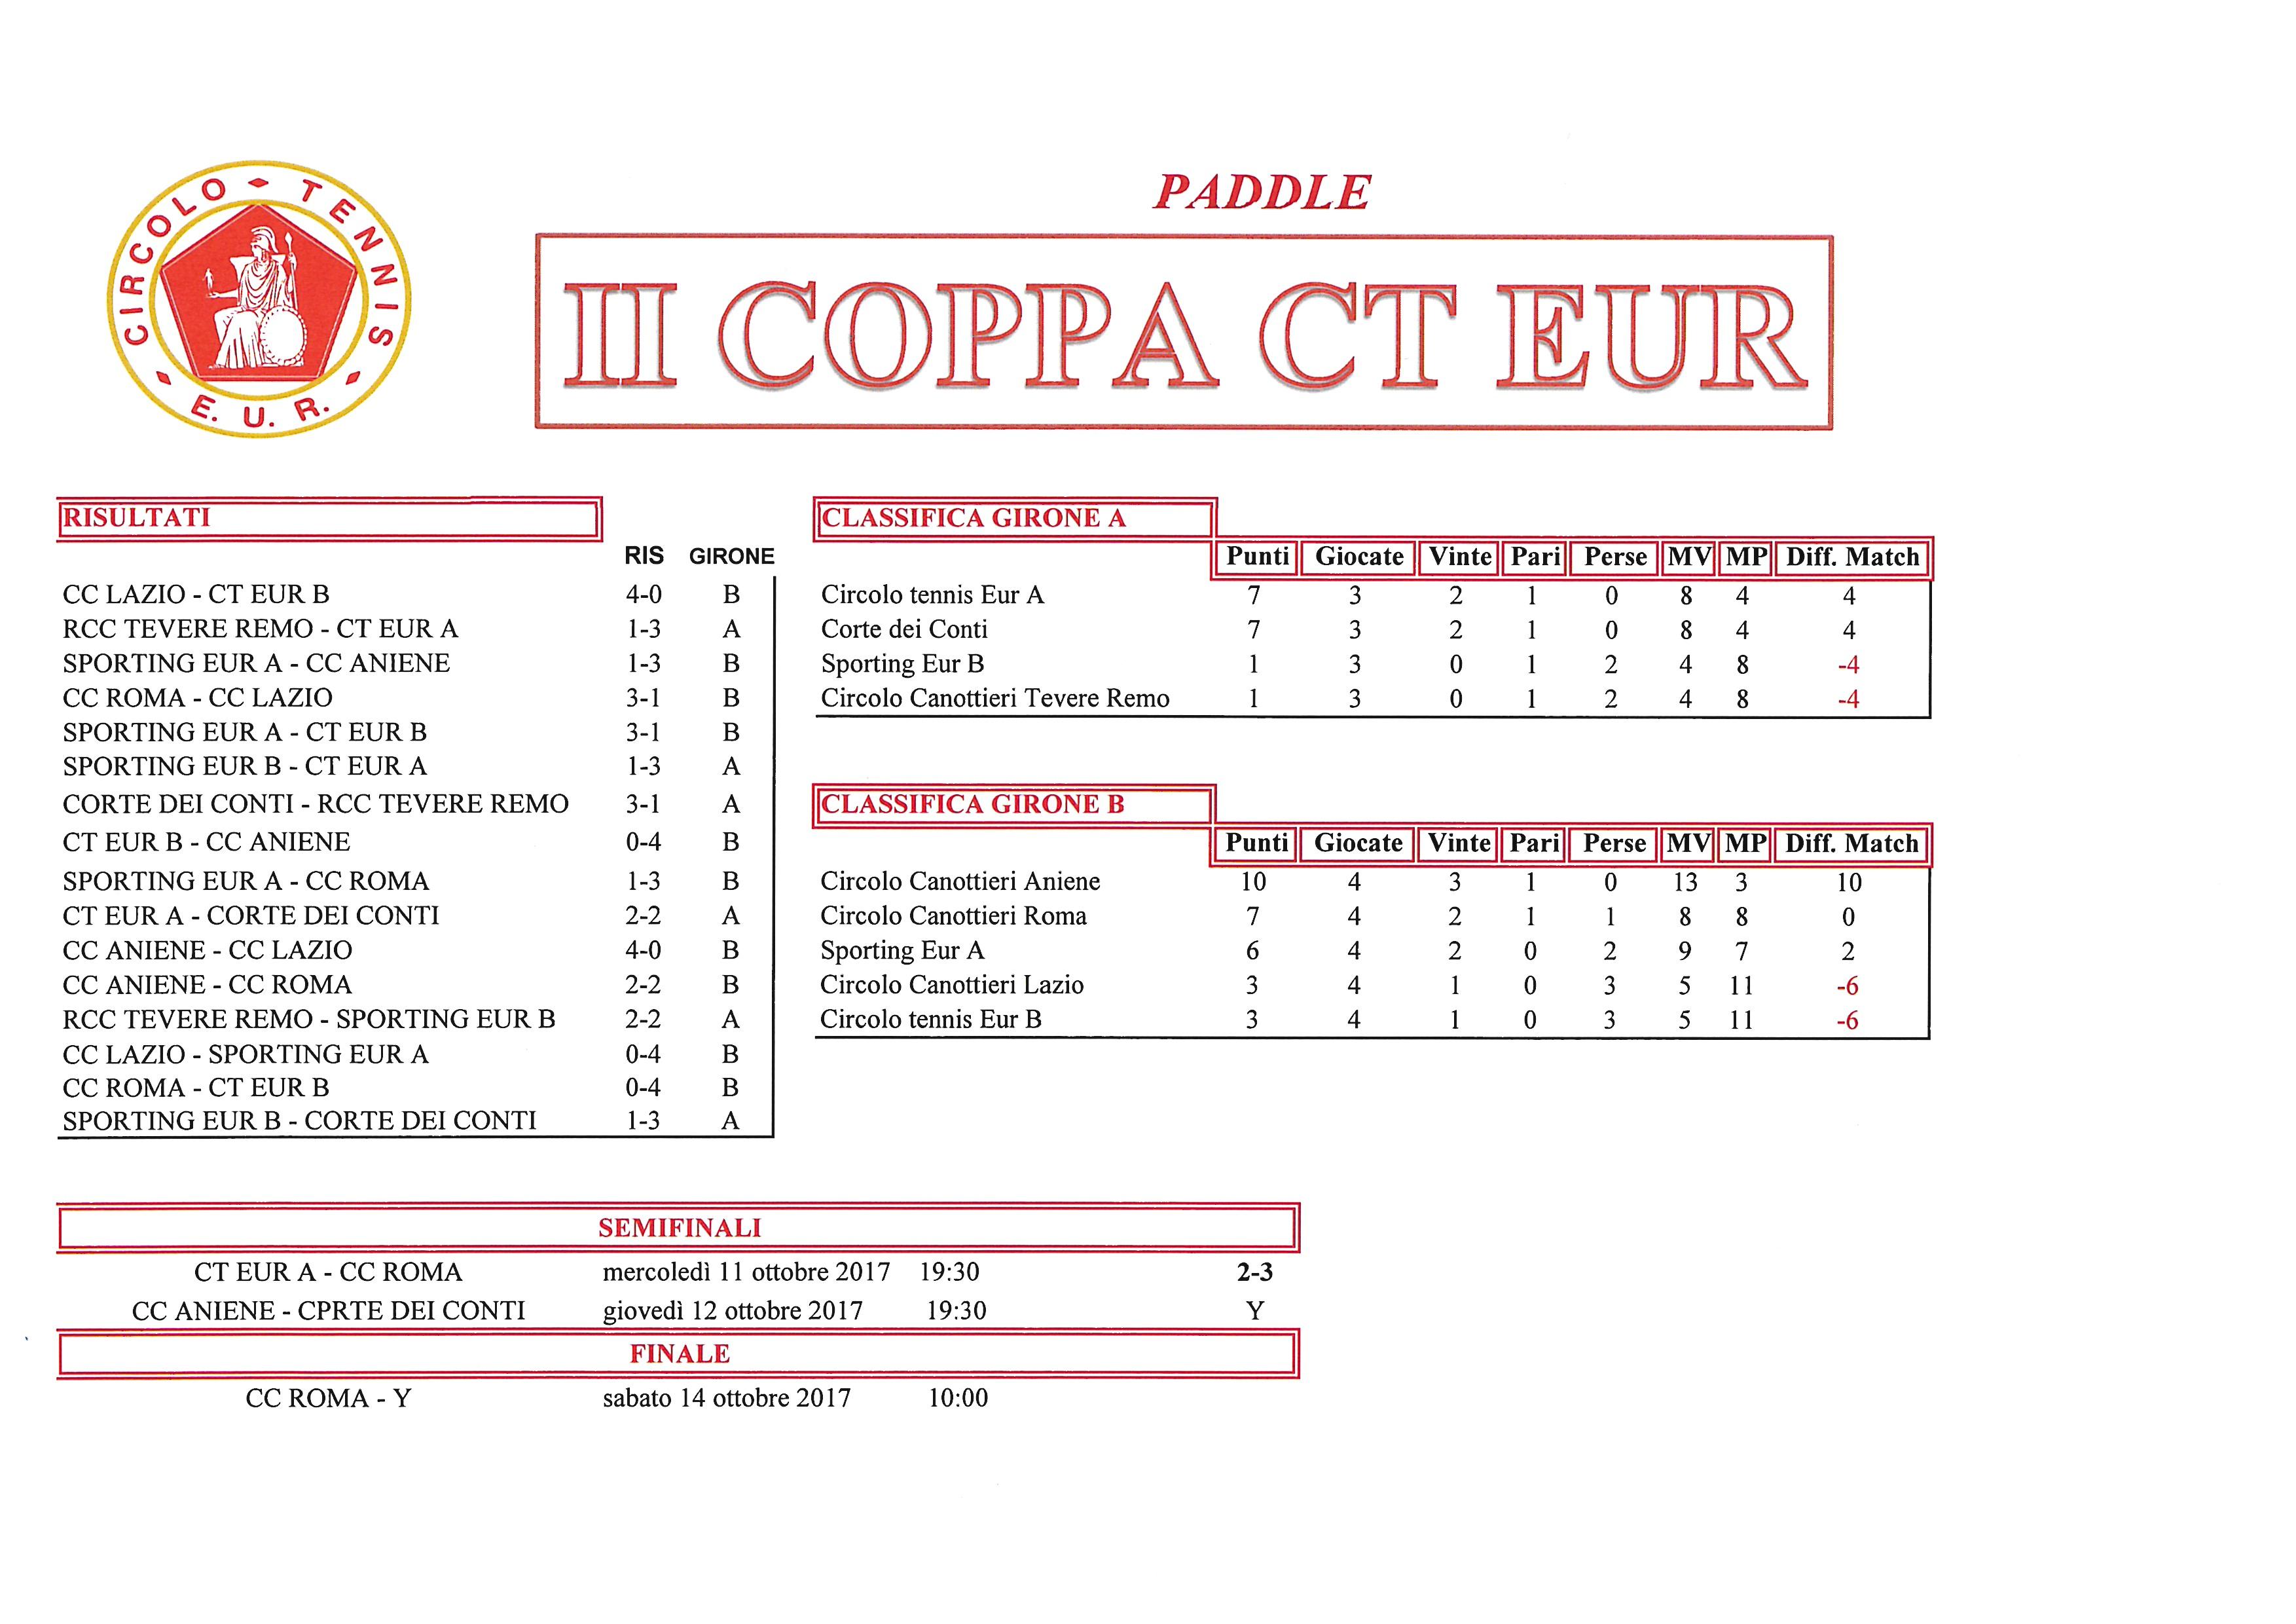 Coppa CT Eur Semifinali Calcio a 5 11 ottobre 2017 Paddle